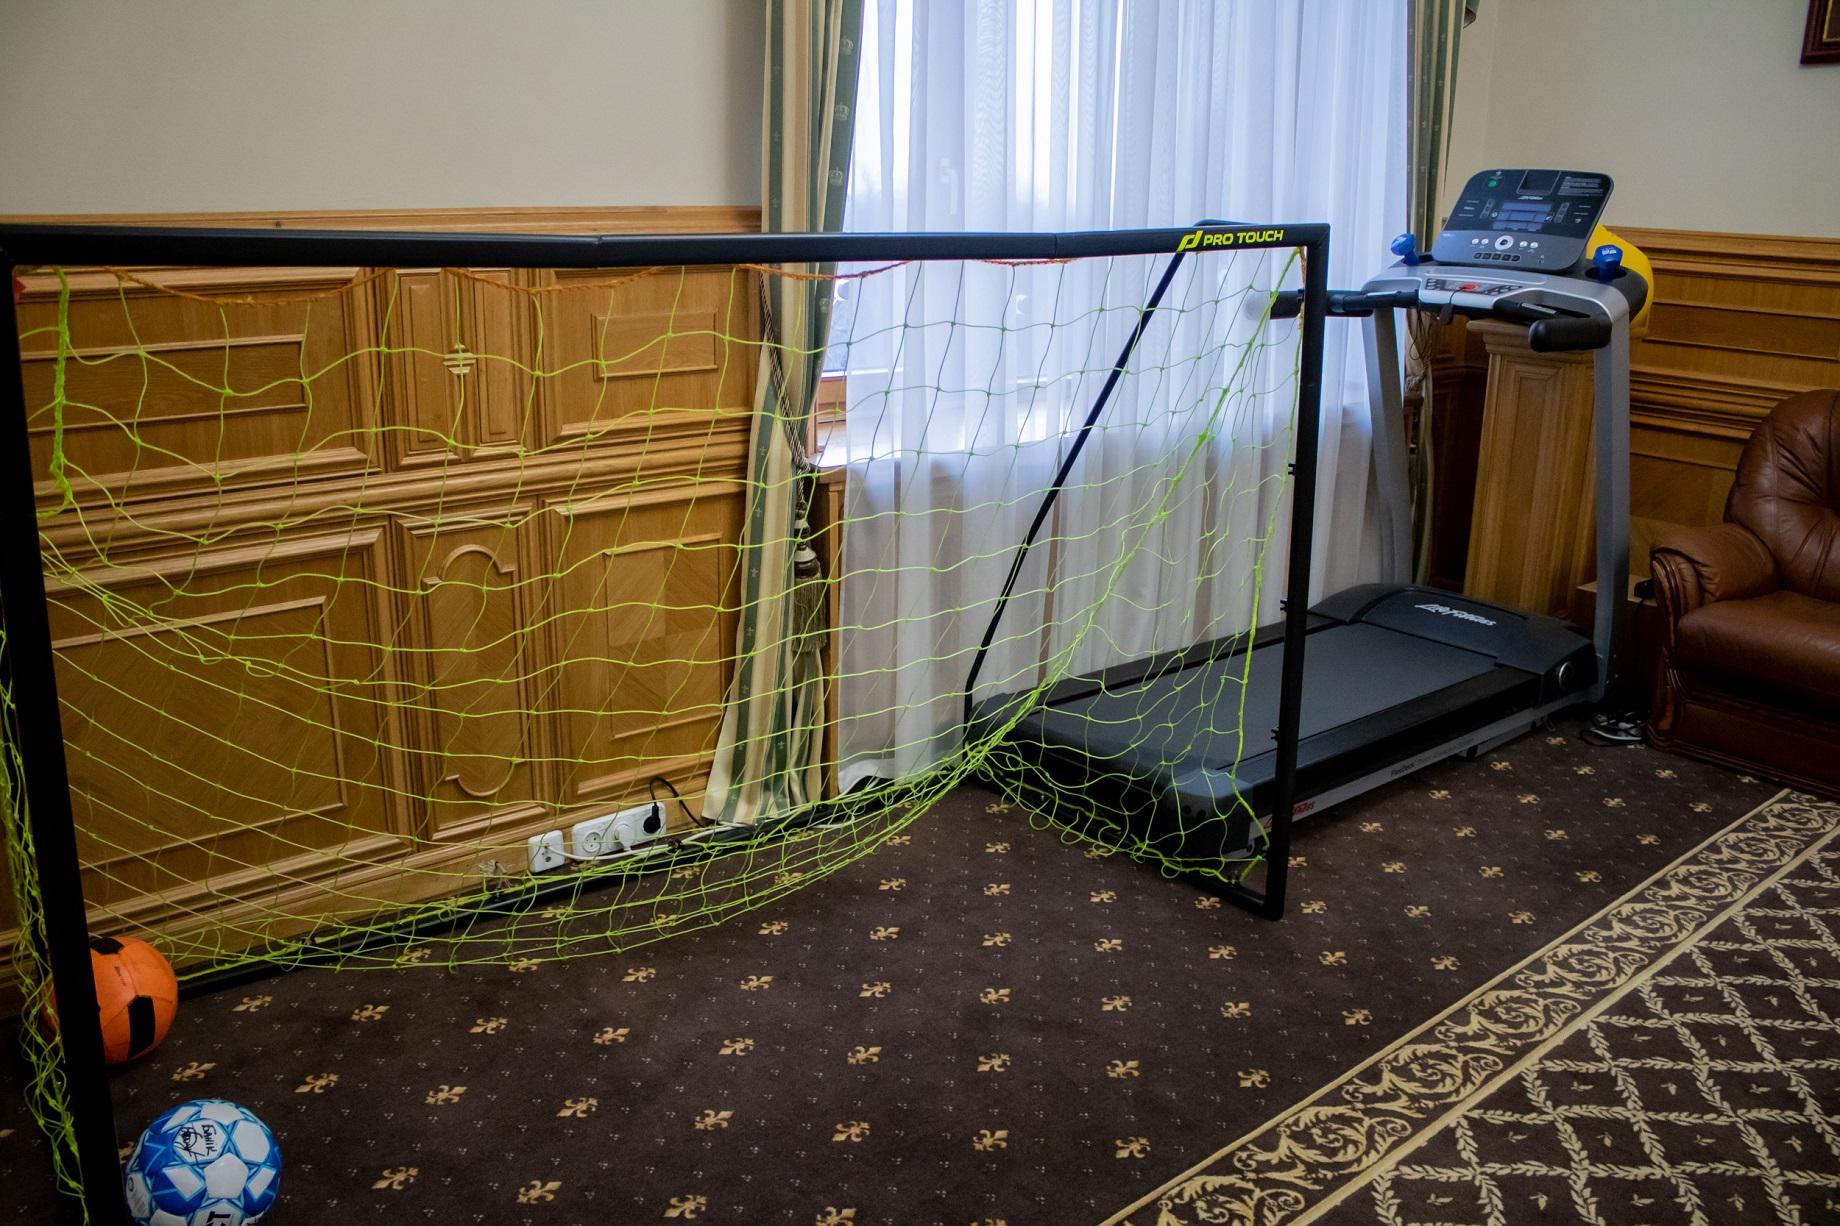 Футбольные ворота в кабинете министра. Фото: MC.today